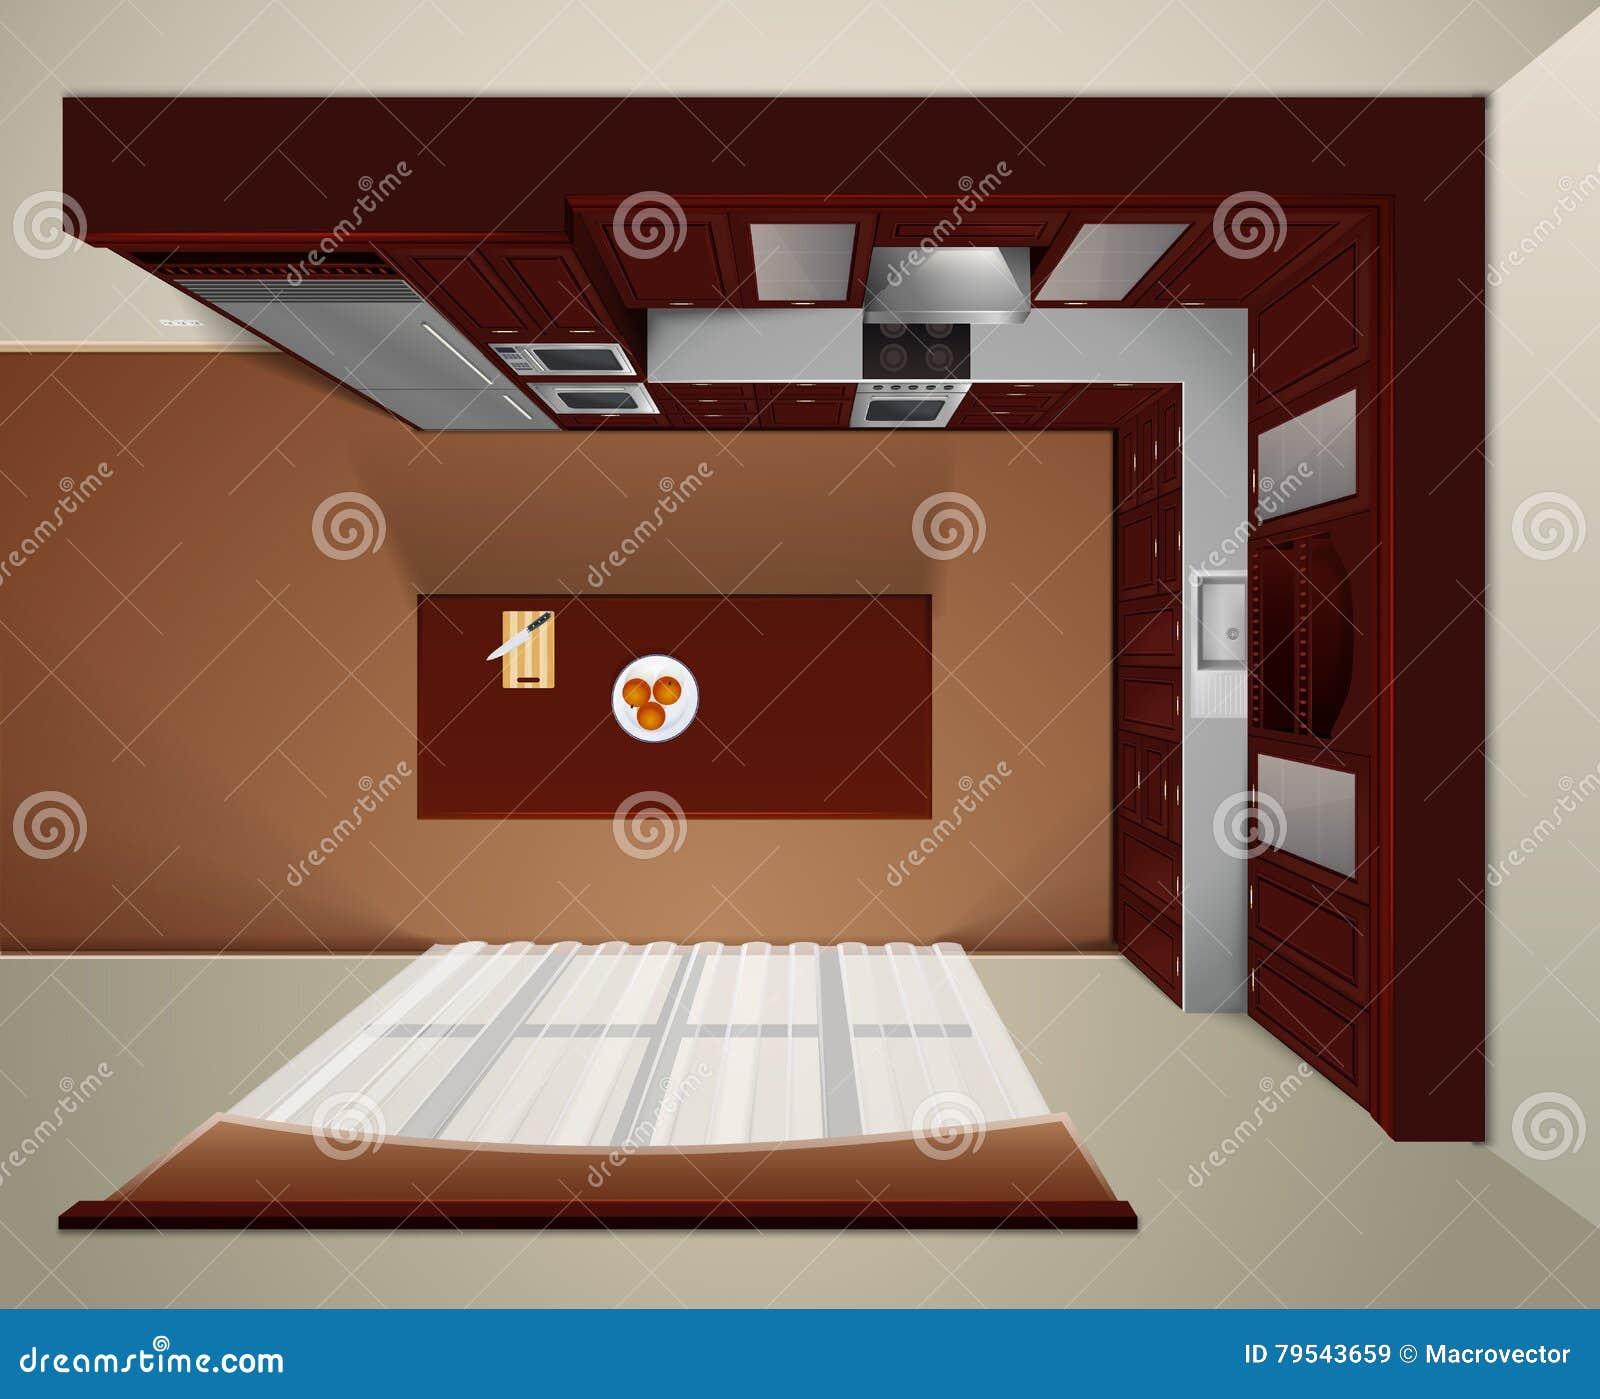 Modern Corner Kitchen Interior. Top View Royalty-Free